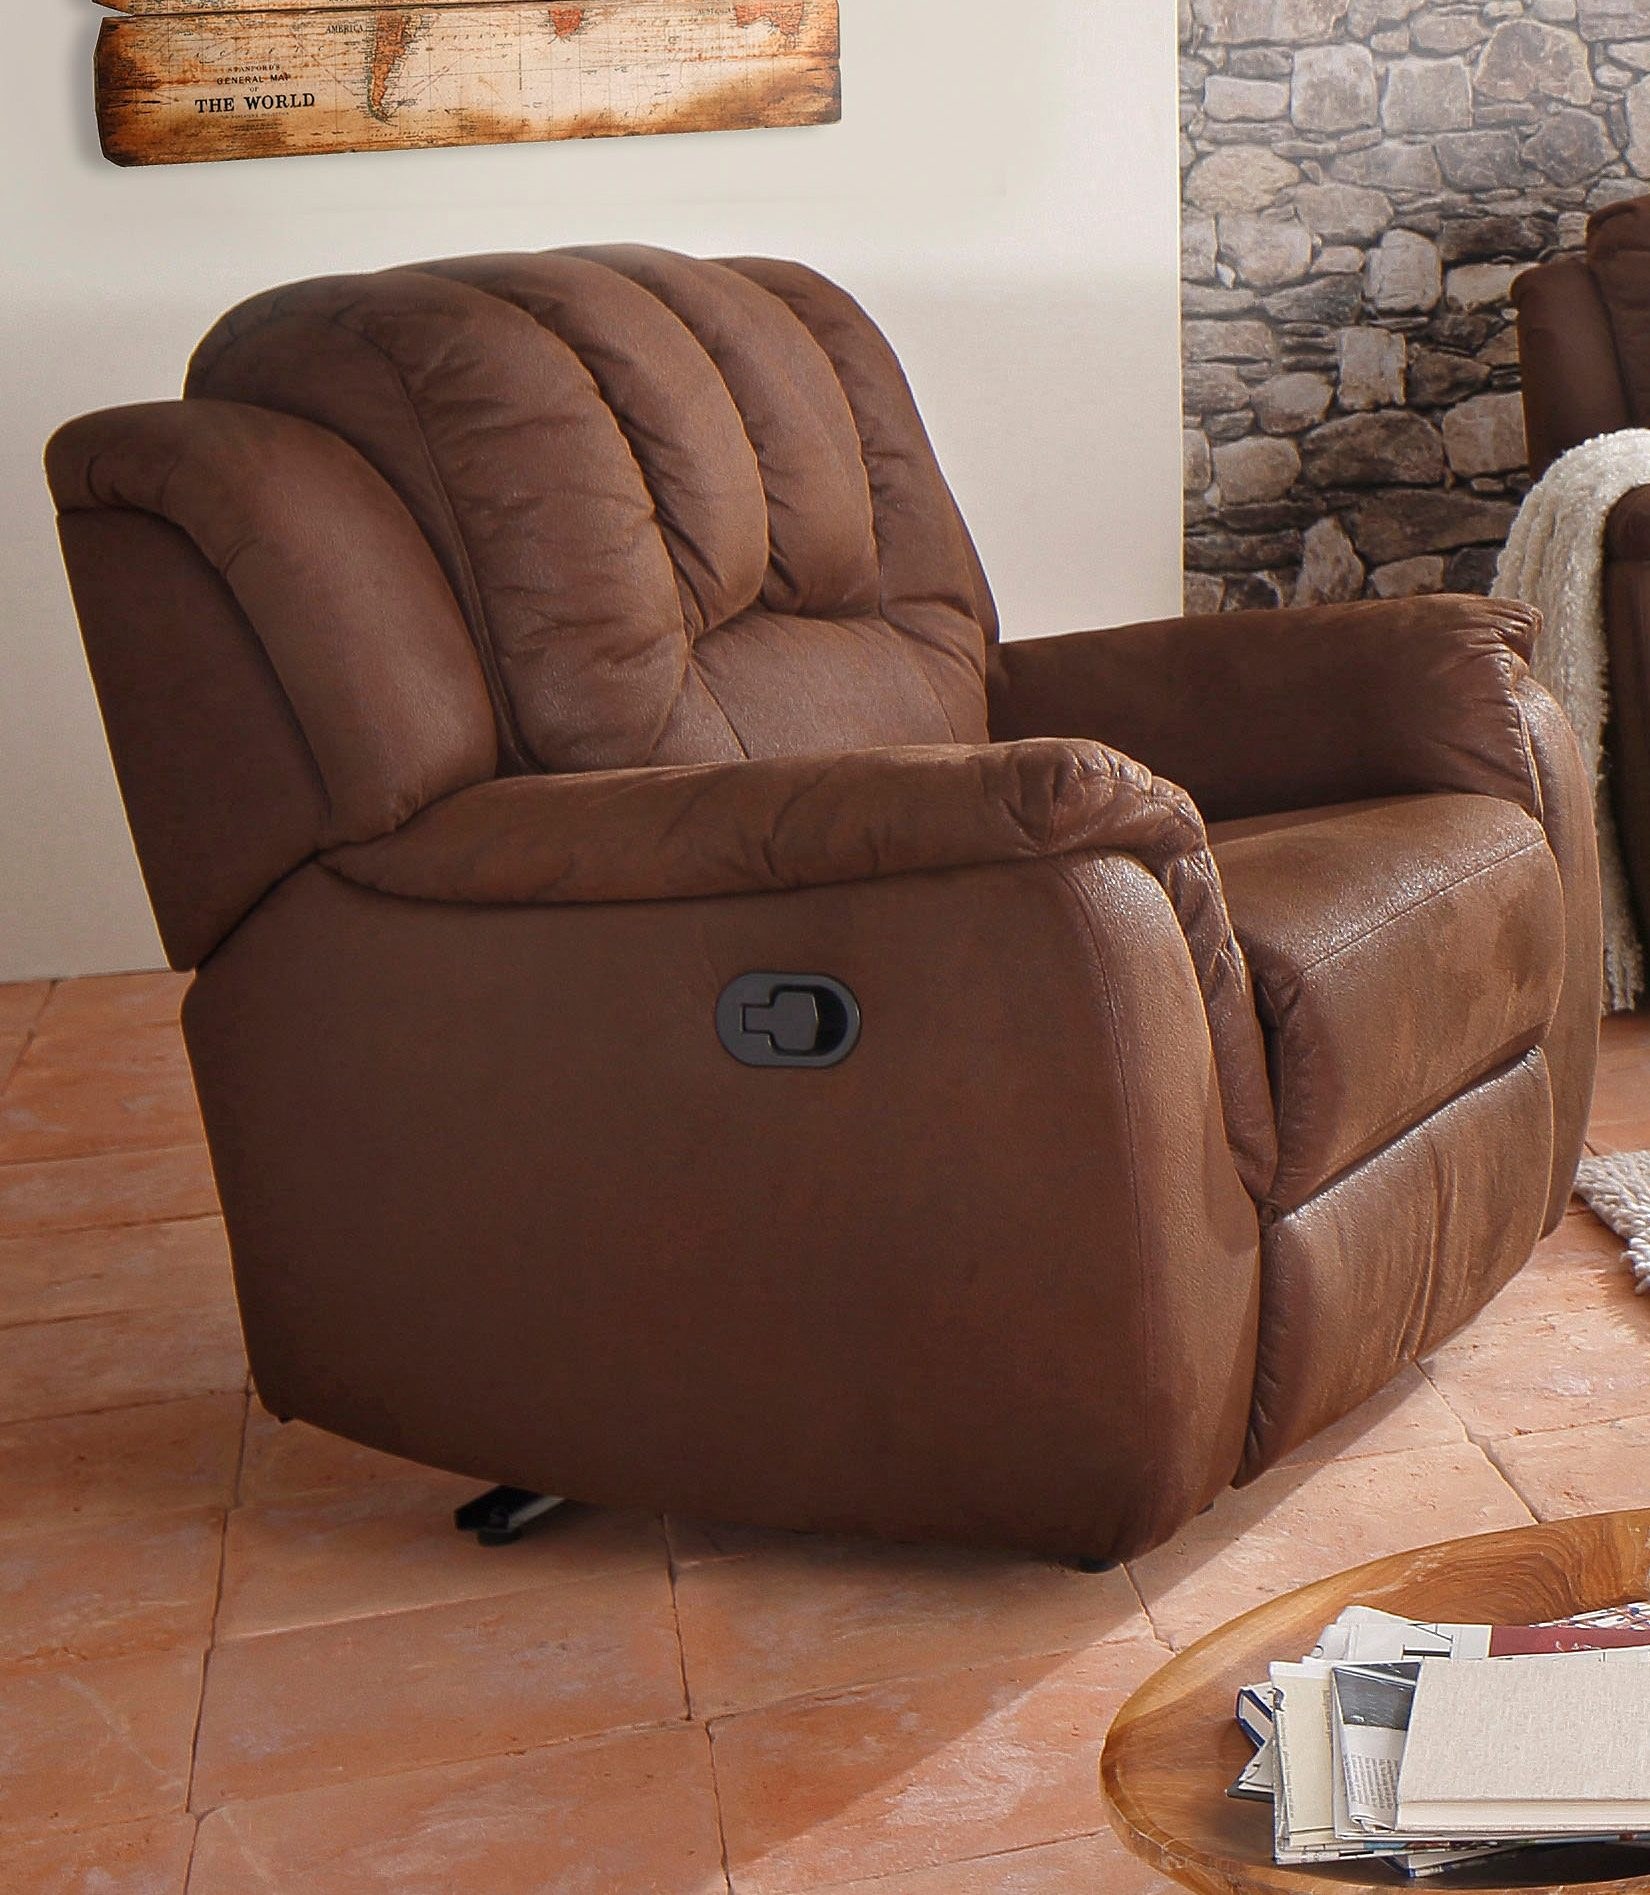 sessel xxl preise vergleichen und g nstig einkaufen bei der preis. Black Bedroom Furniture Sets. Home Design Ideas